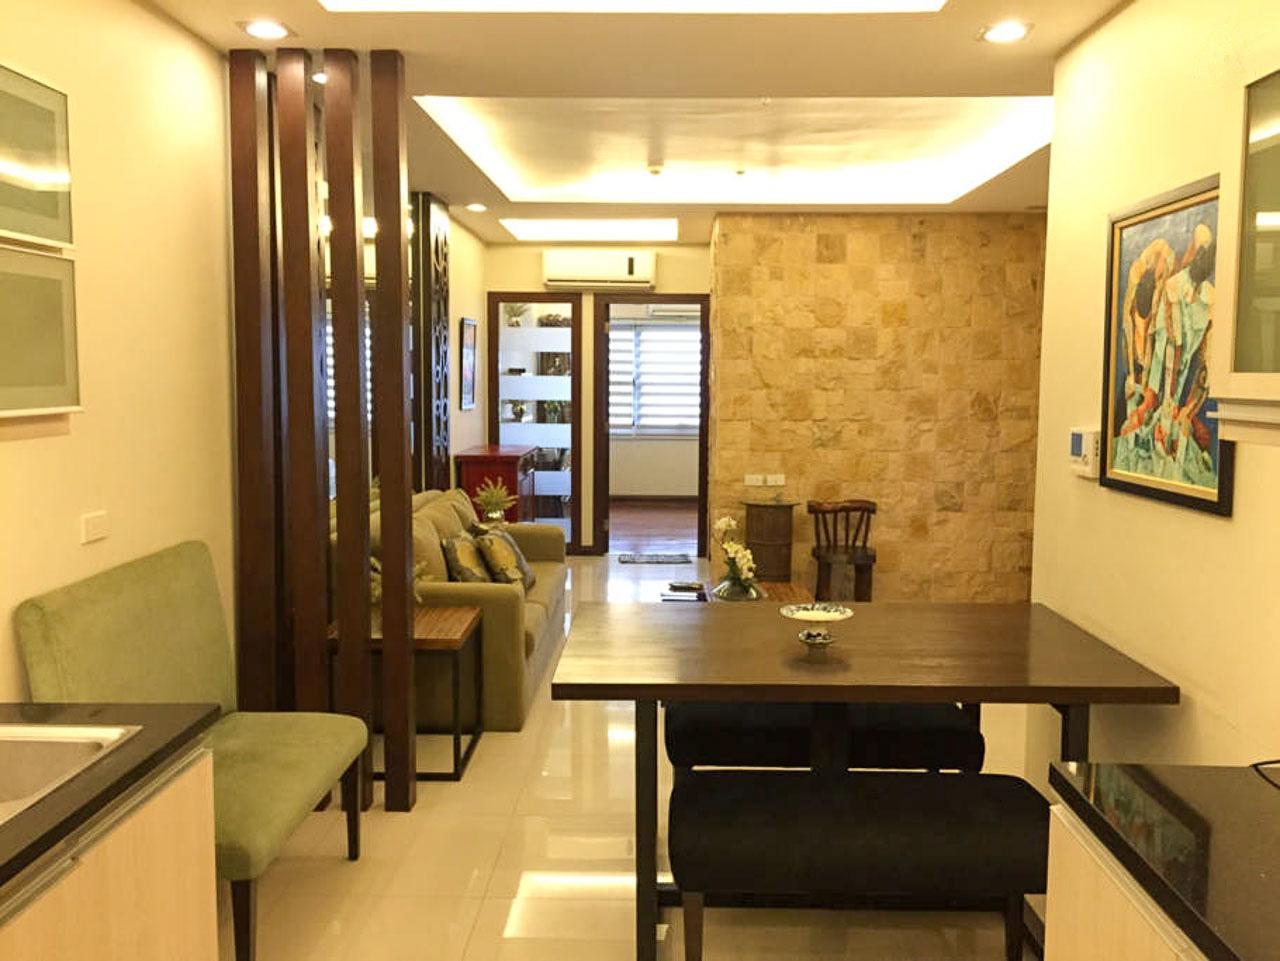 Elegant ... RC294 2 Bedroom Condo For Rent In Avalon Condominium Cebu Busine ...